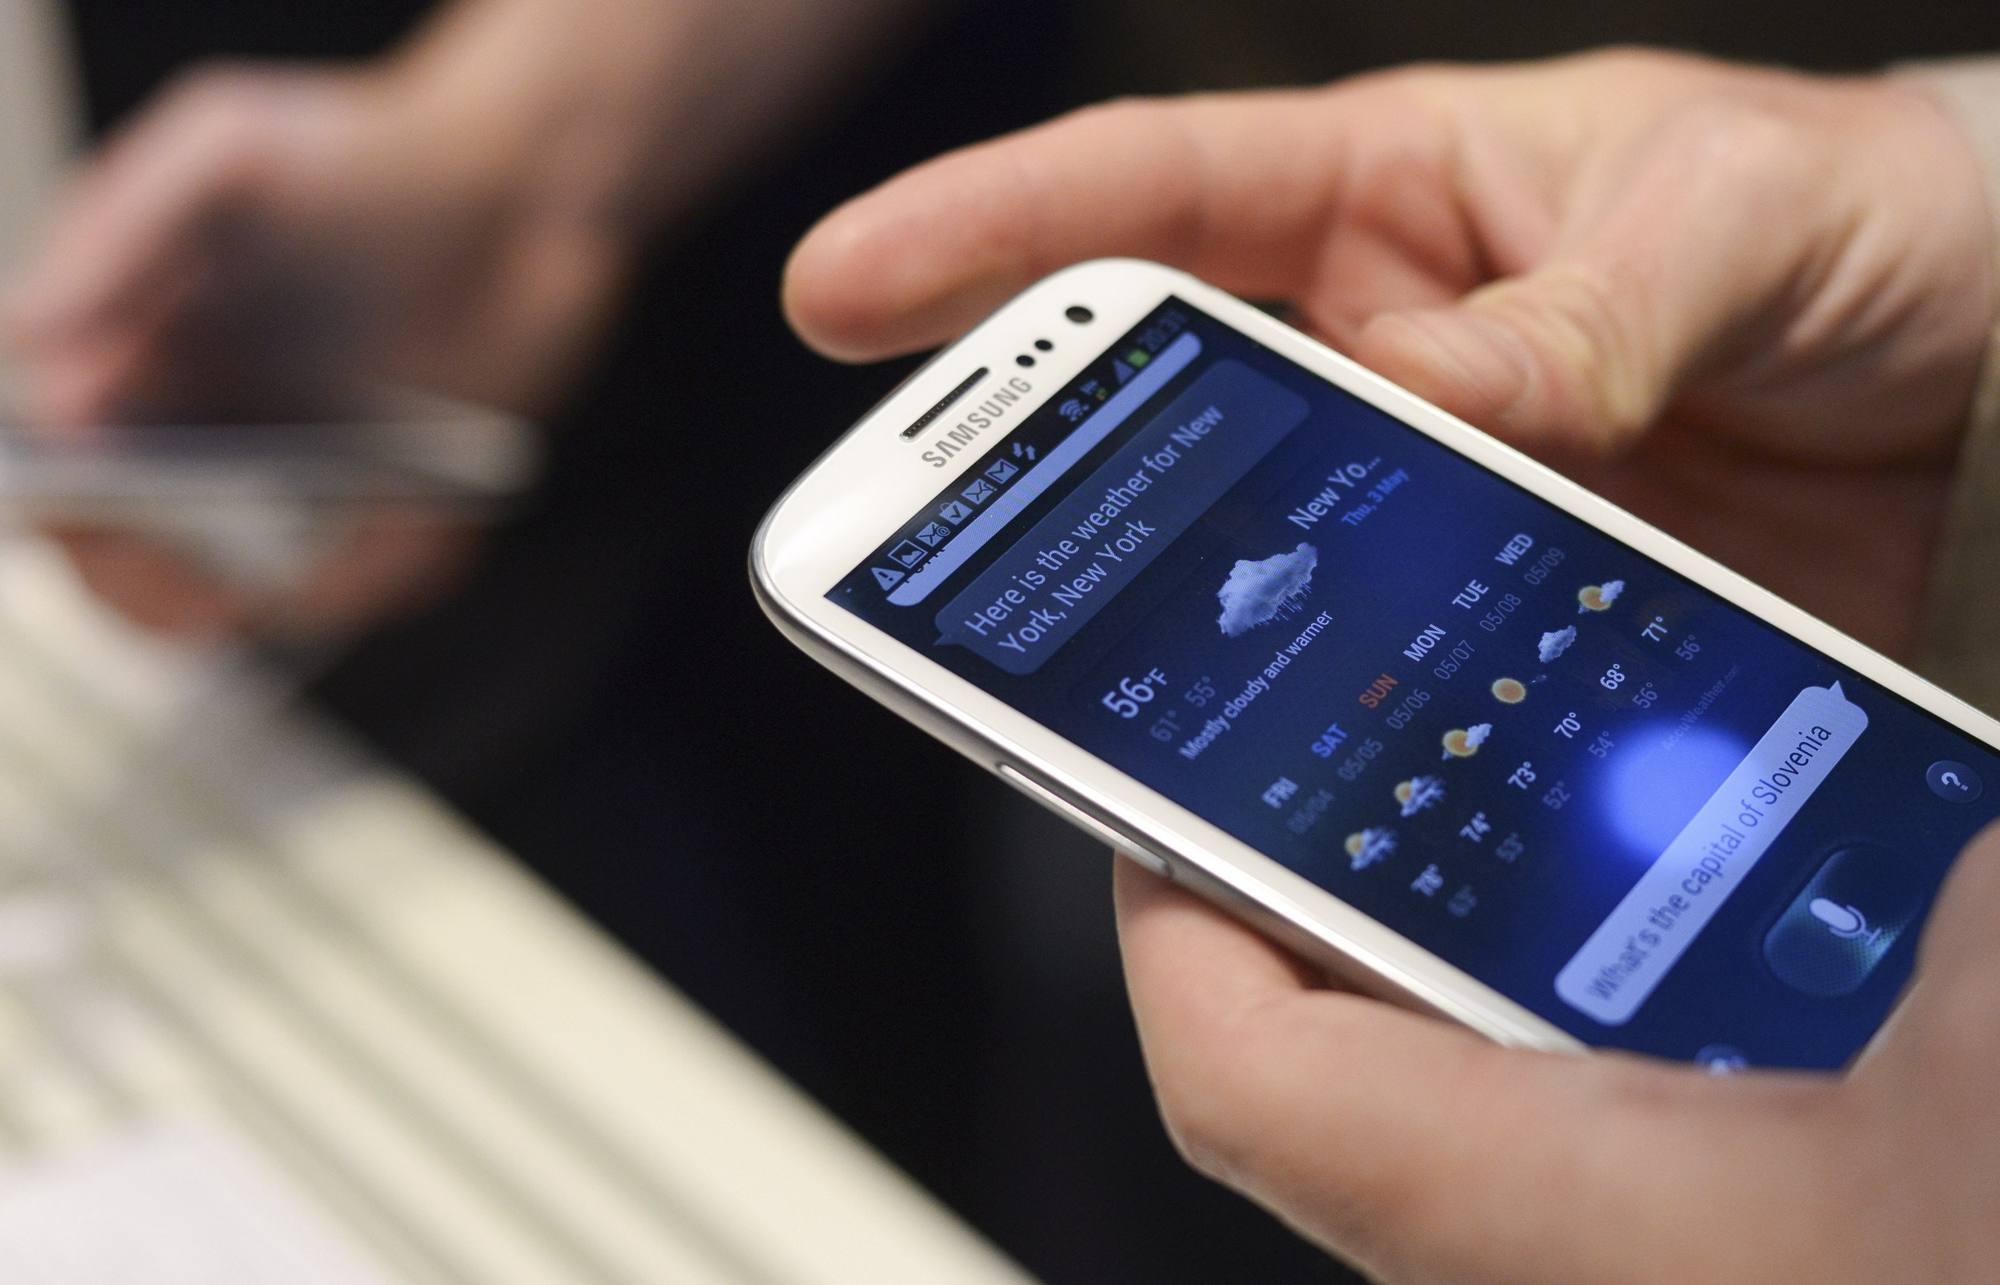 Il Samsung Galaxy SIII (Reuters)